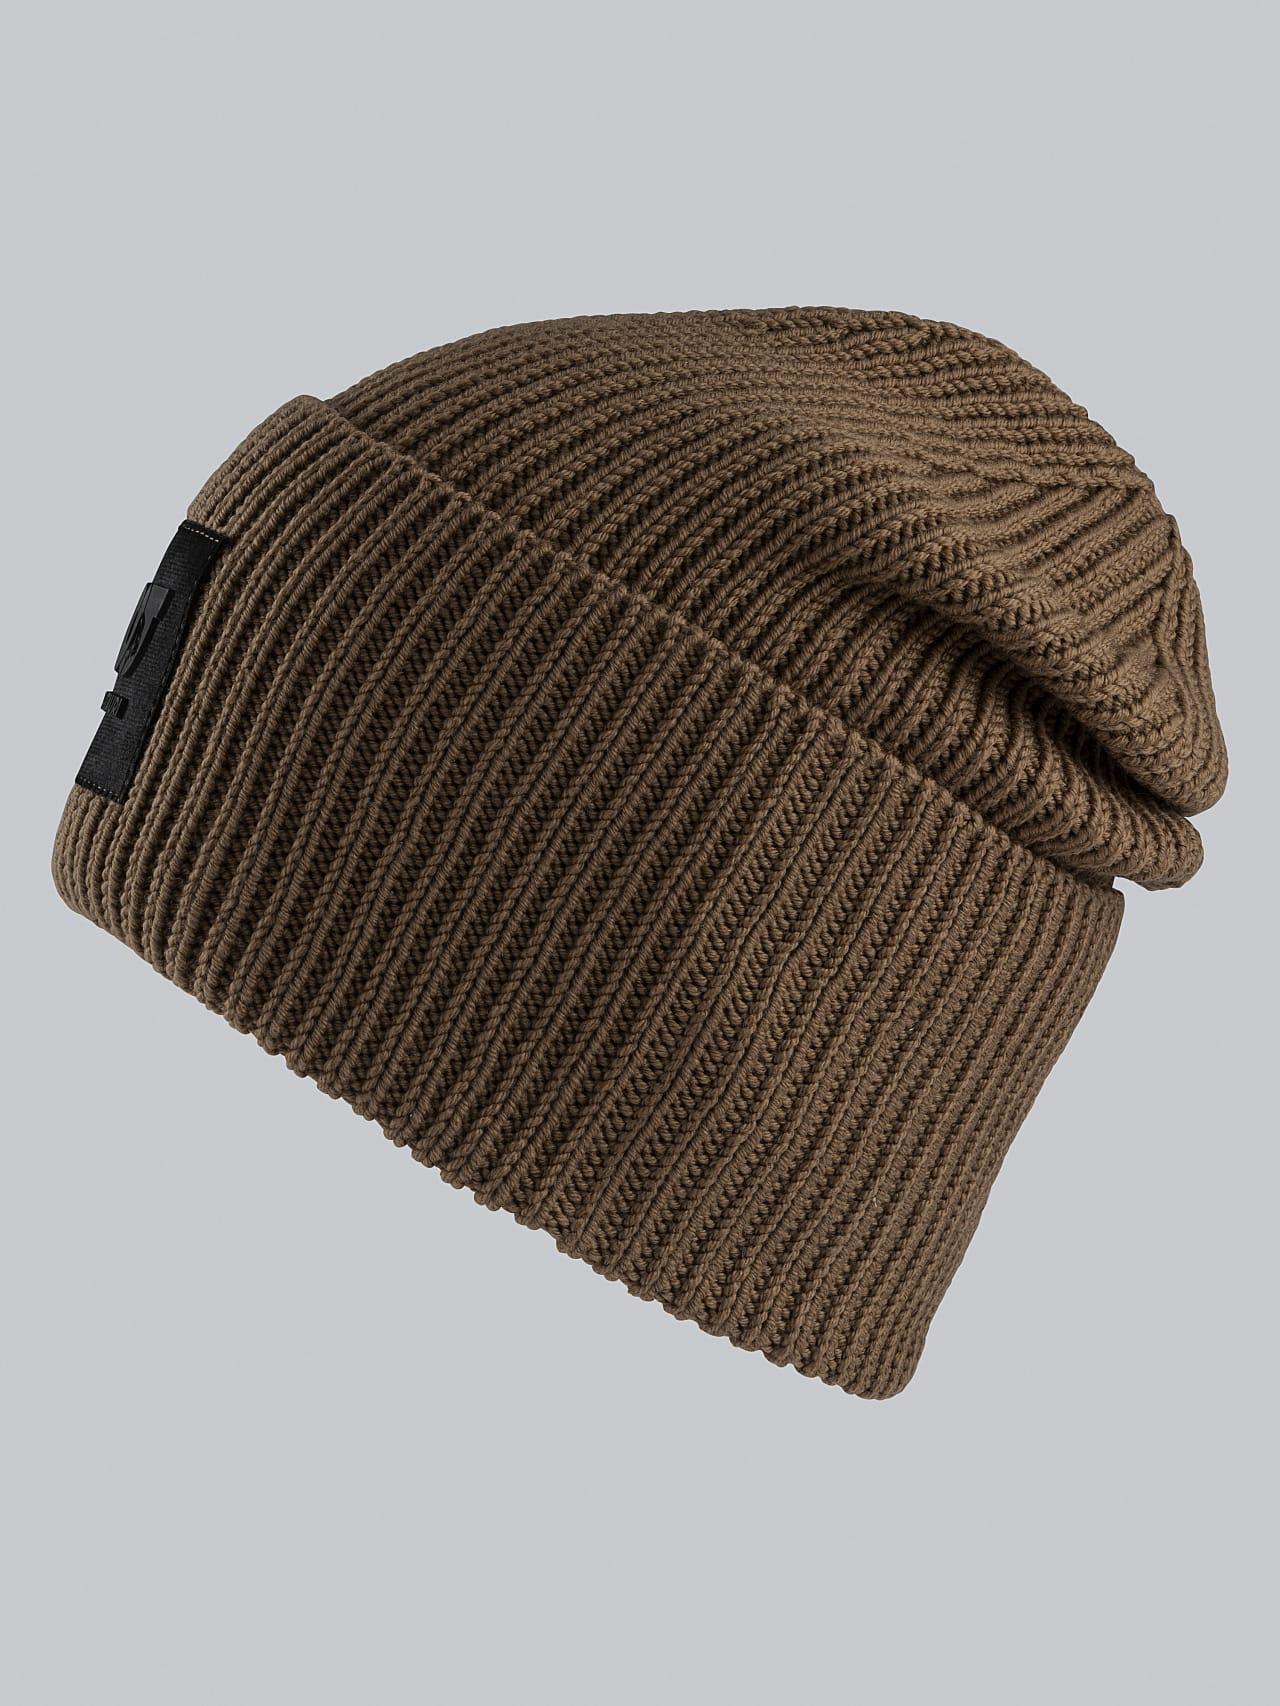 AHRAF V1.Y5.02 Unisex Rib Knit Wool Beanie gold Left Alpha Tauri